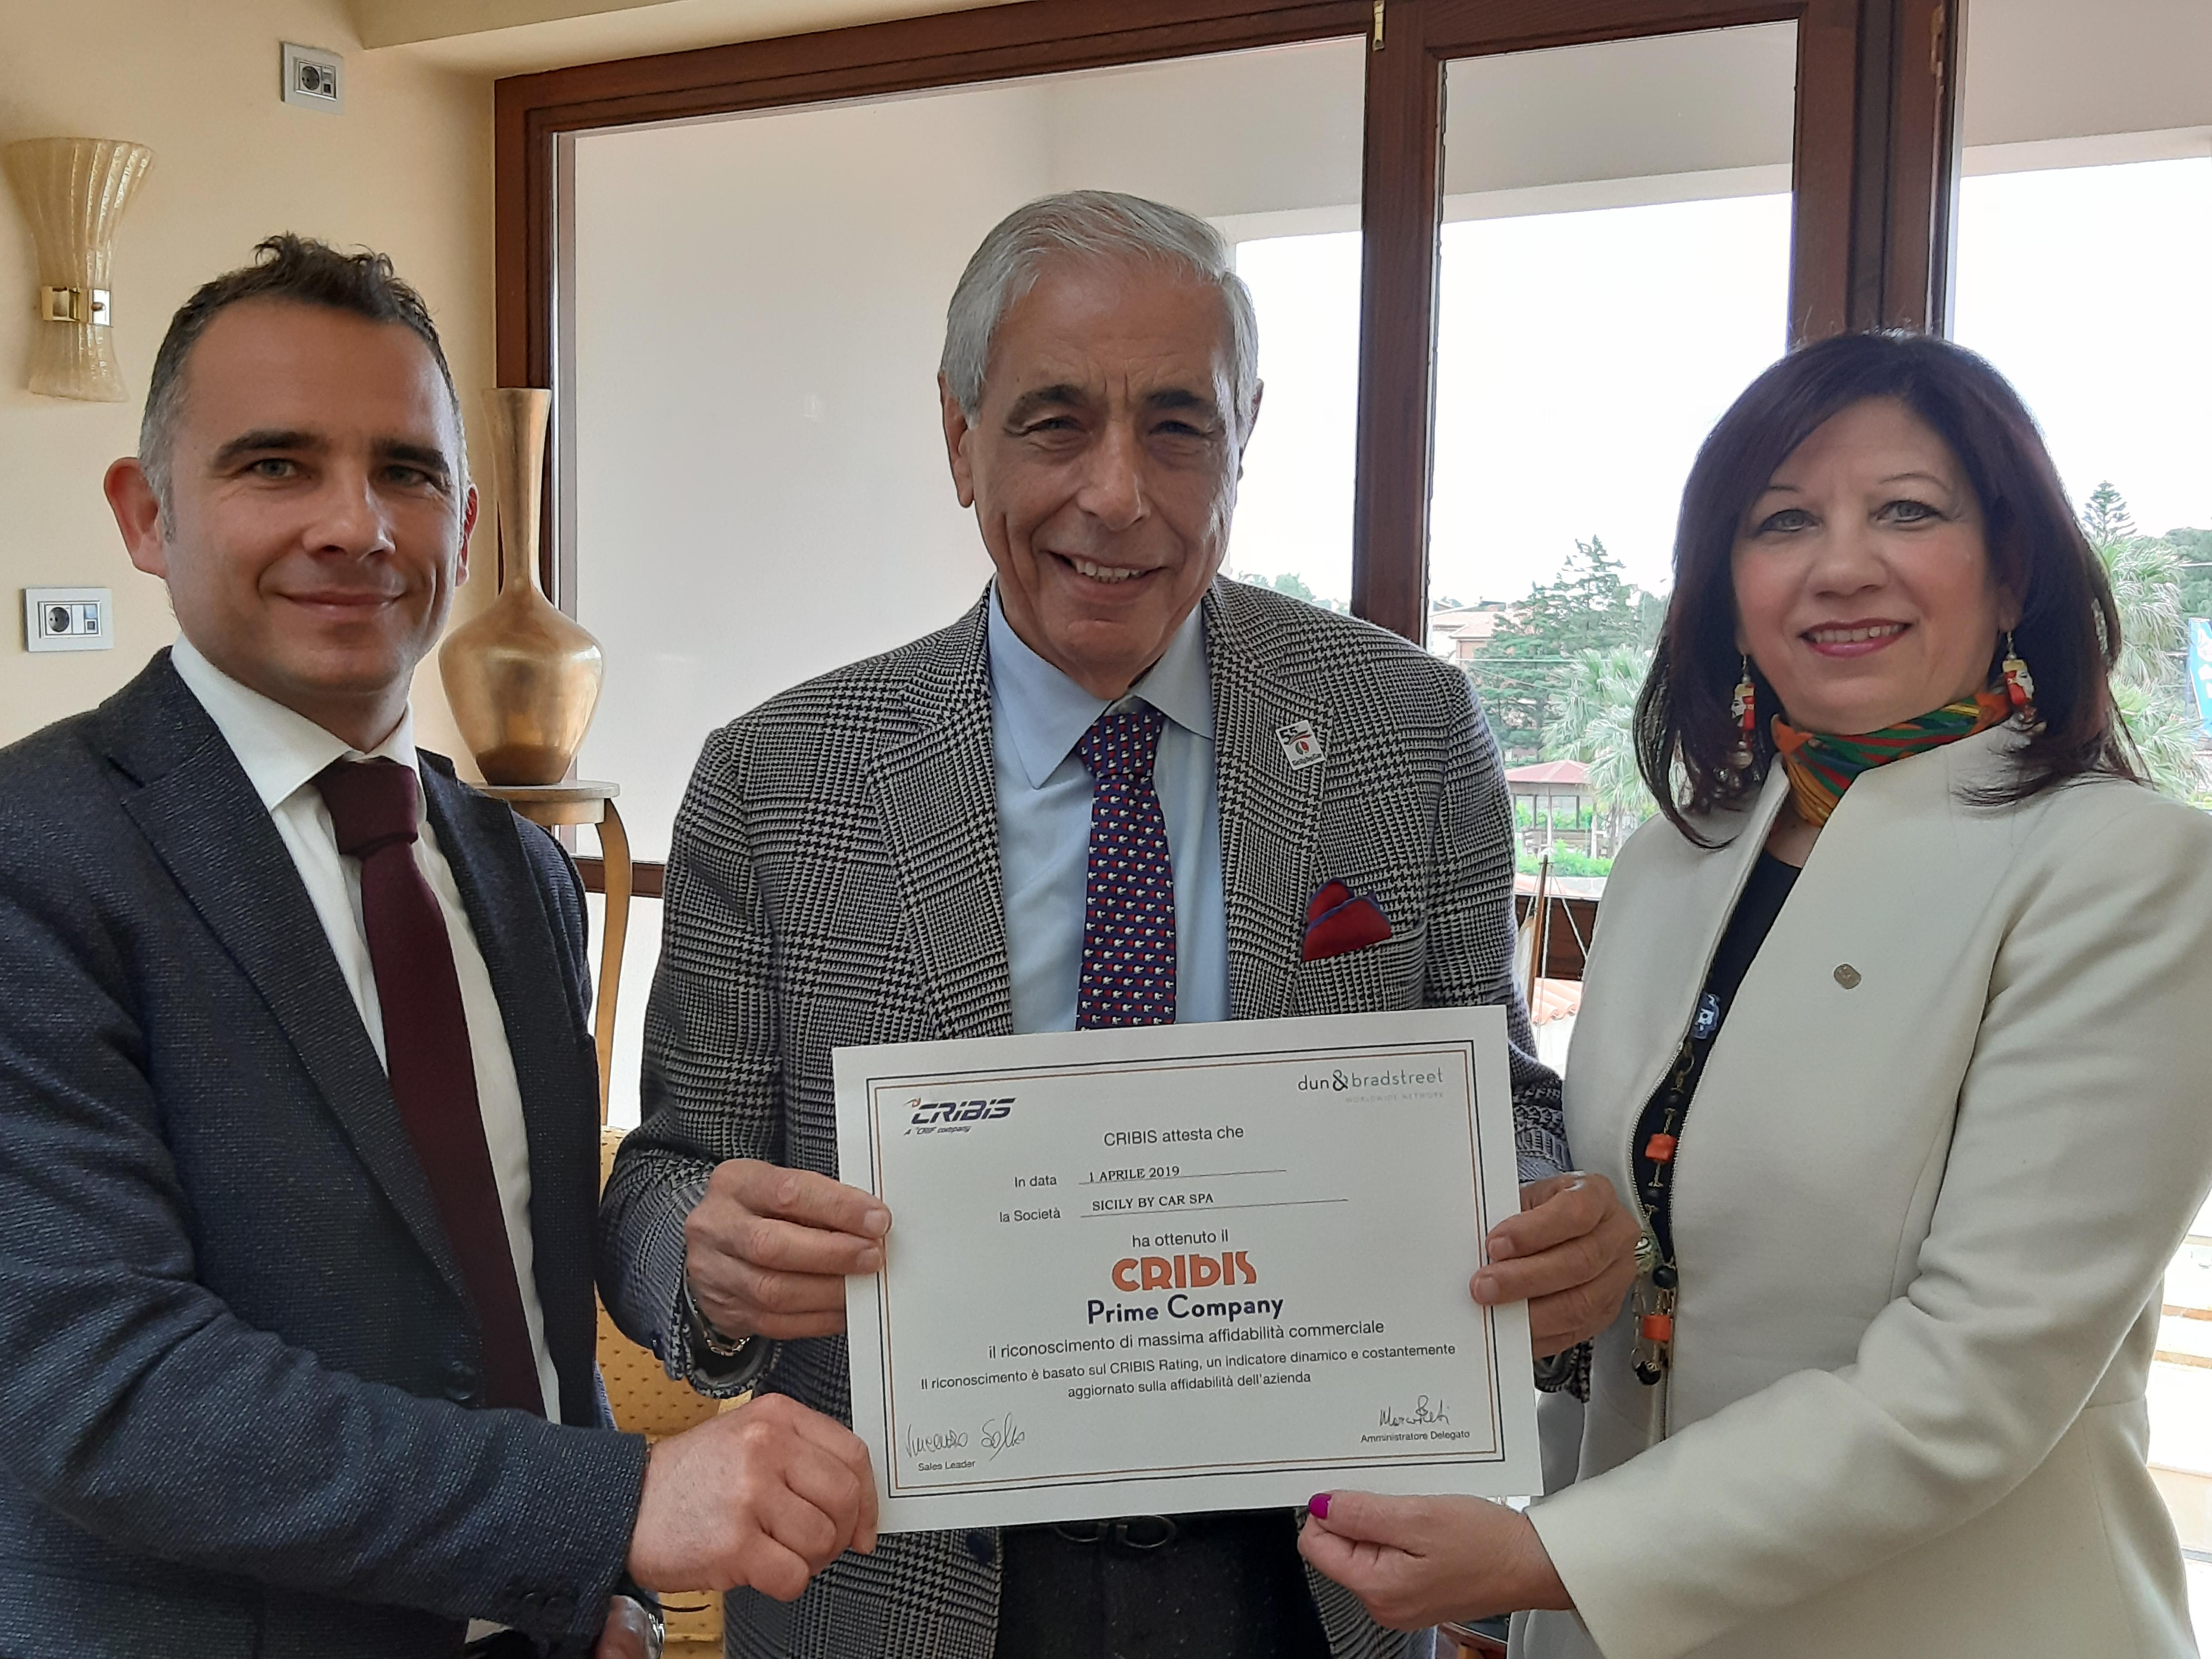 Sicily by Car ha ricevuto il riconoscimento Cribis Prime Company